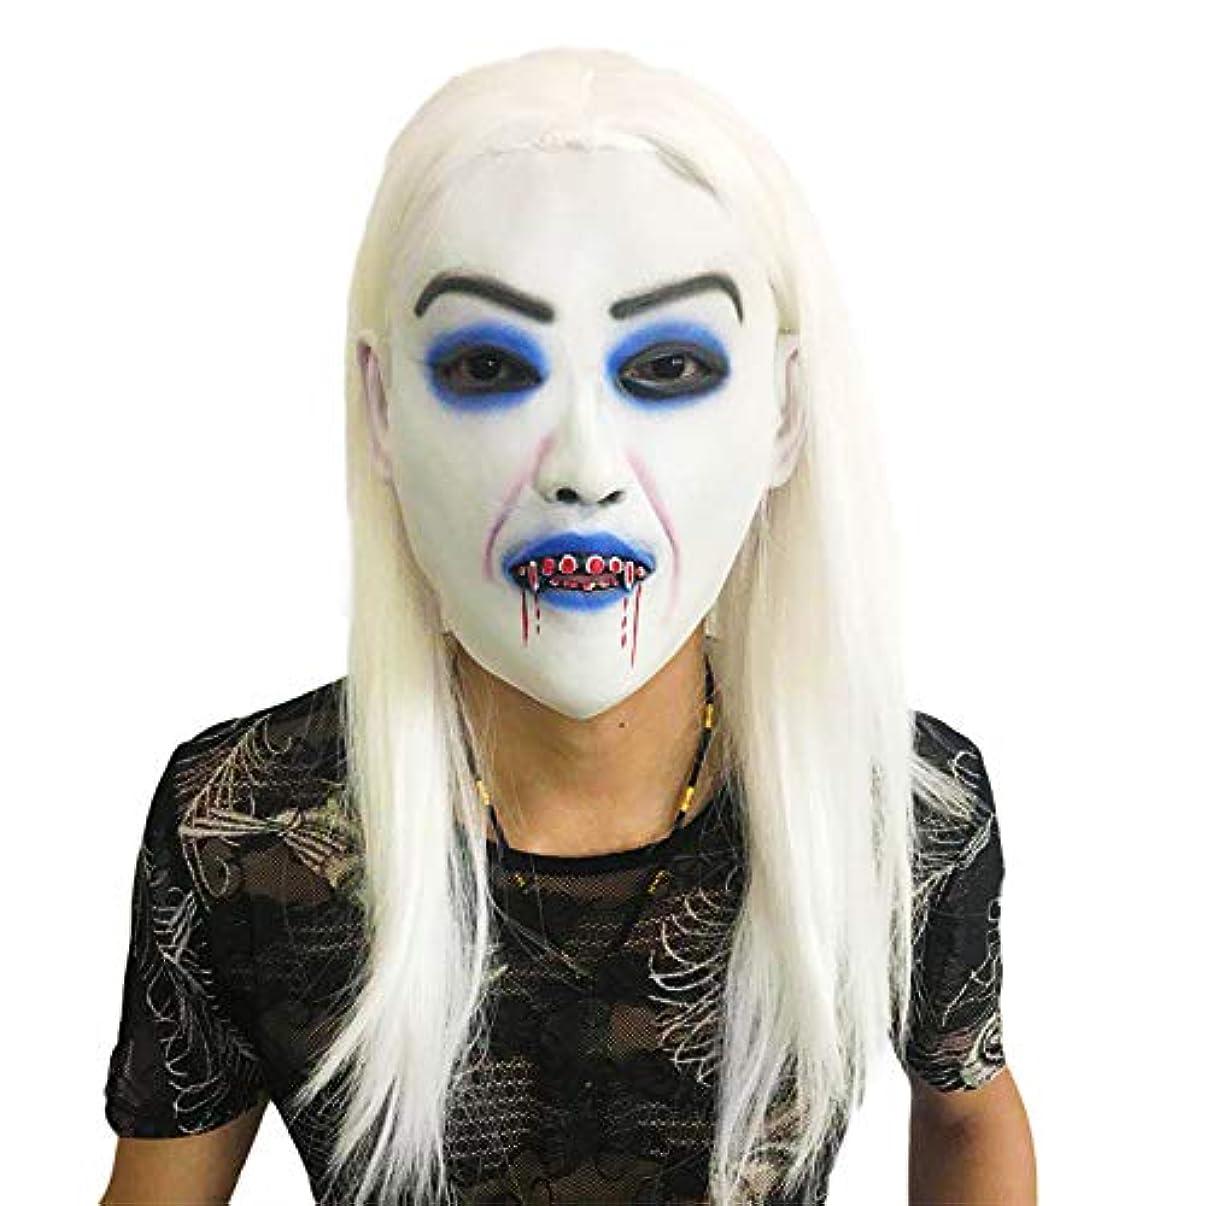 責め不当ために白髪ブリードホラー女性ゴーストマスク長い髪怖いマスクハロウィーンの衣装ショーのパフォーマンスセットの小道具